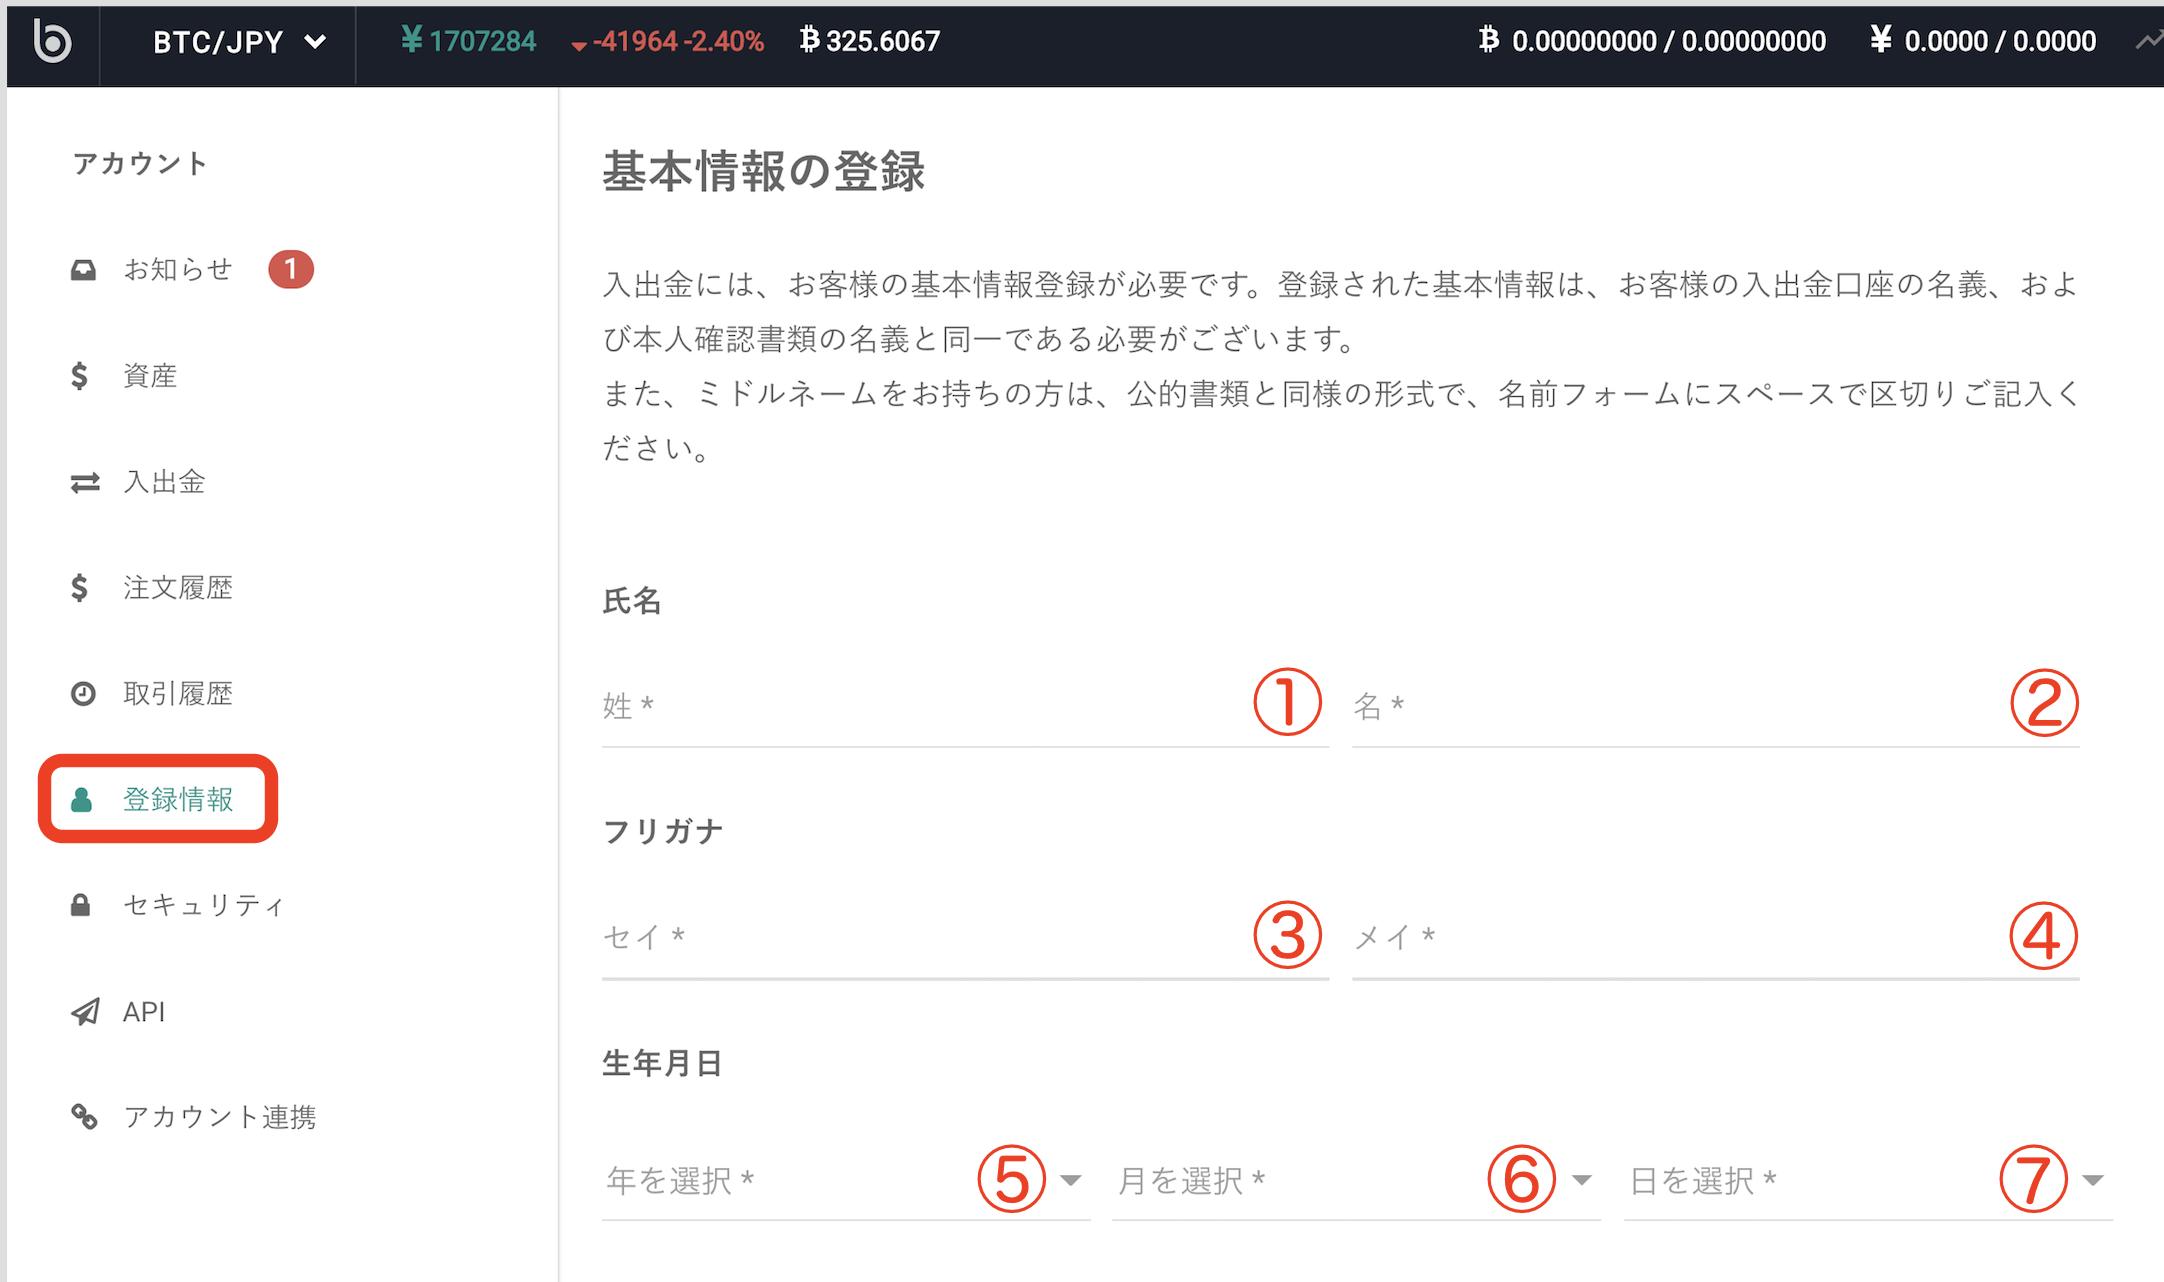 基本情報登録画面